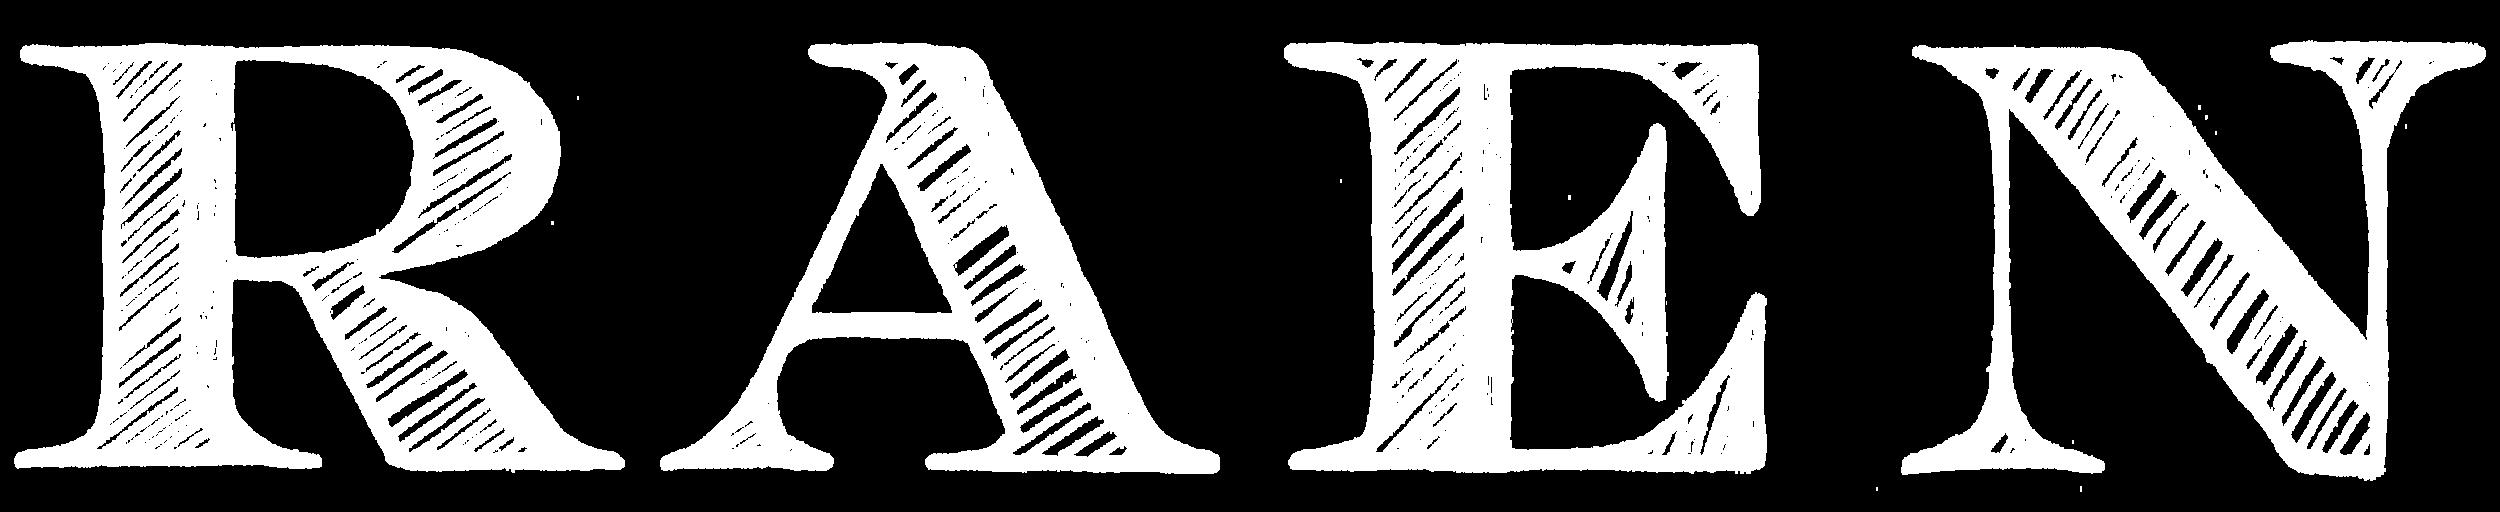 RAEN logo.png